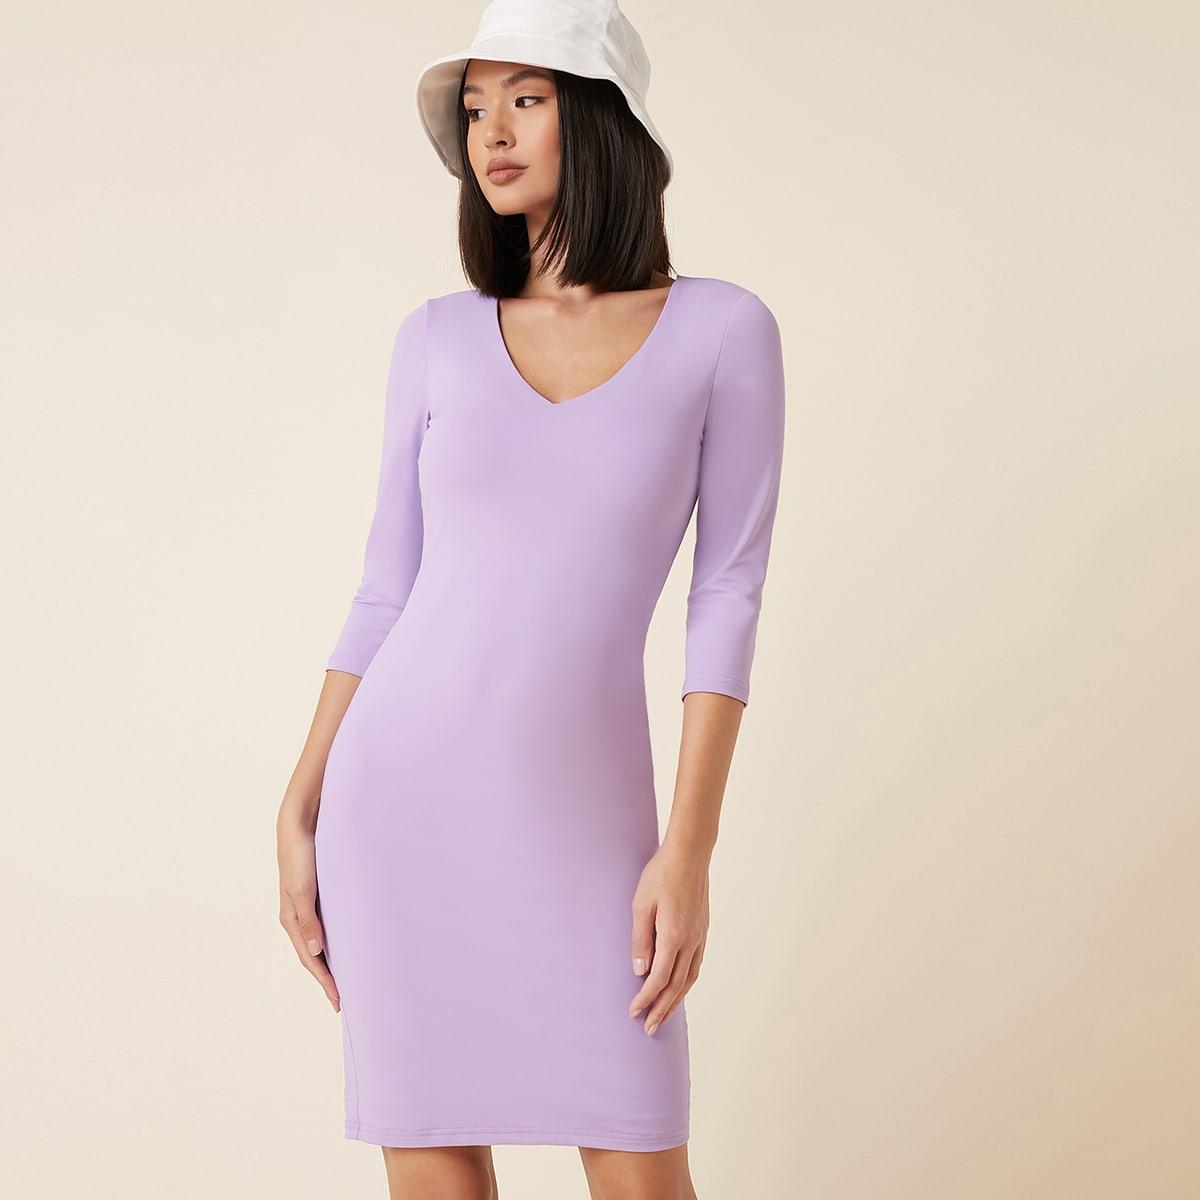 Облегающее платье с v-образным воротником и разрезом